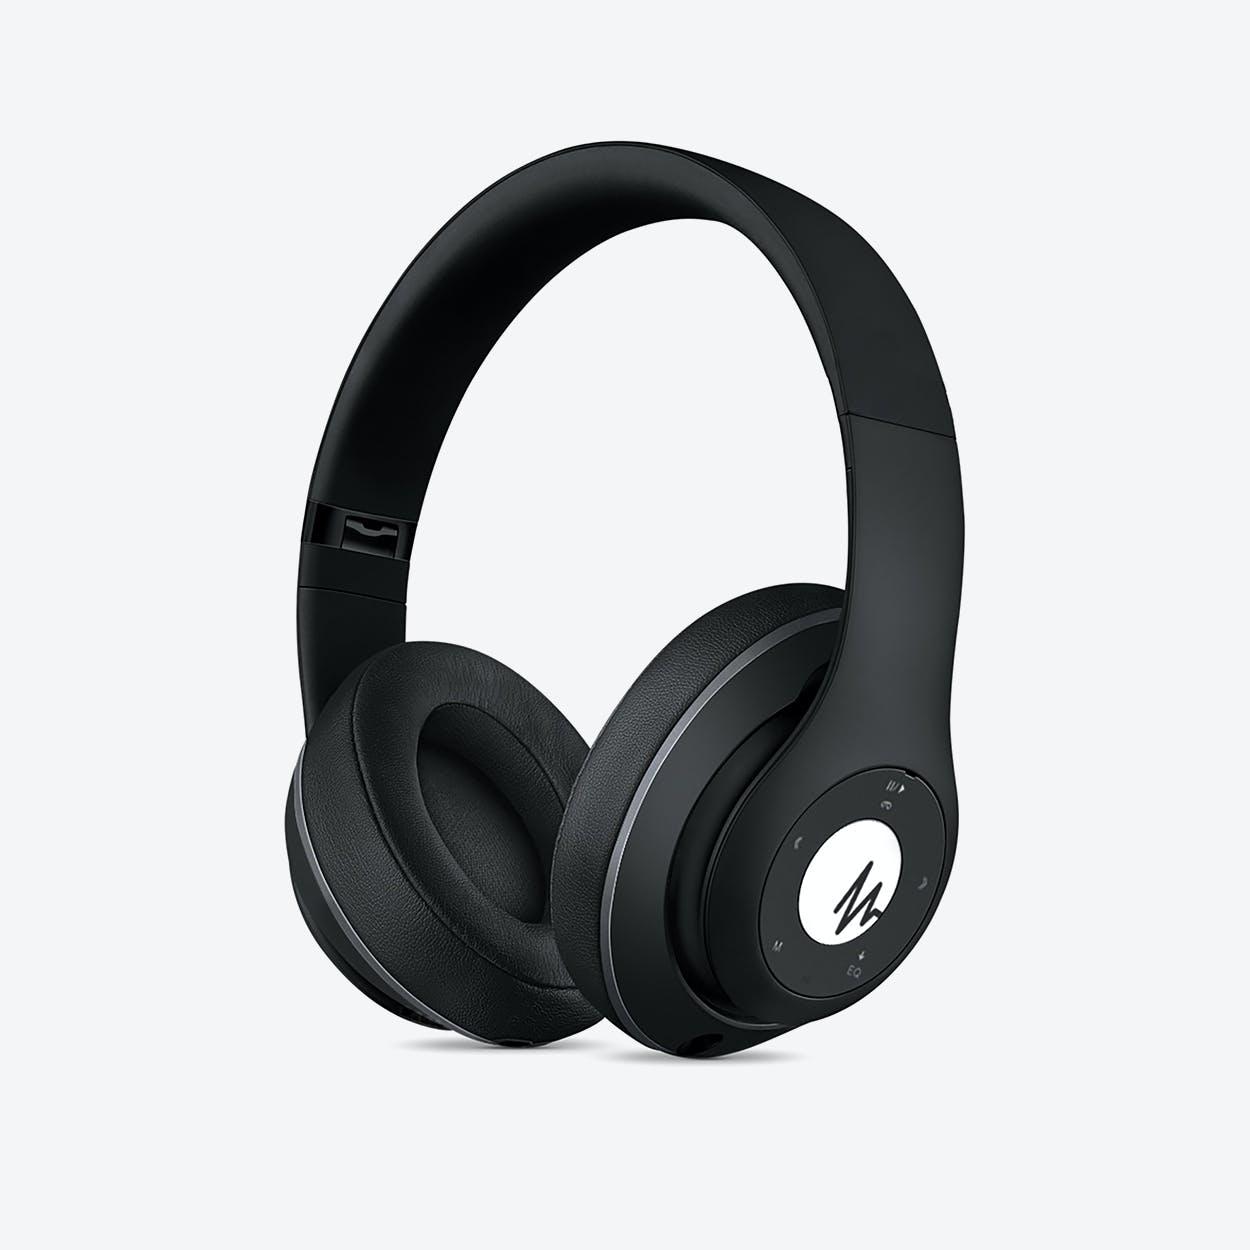 MAGNUSSEN H1 Bluetooth Wireless in Matte Black